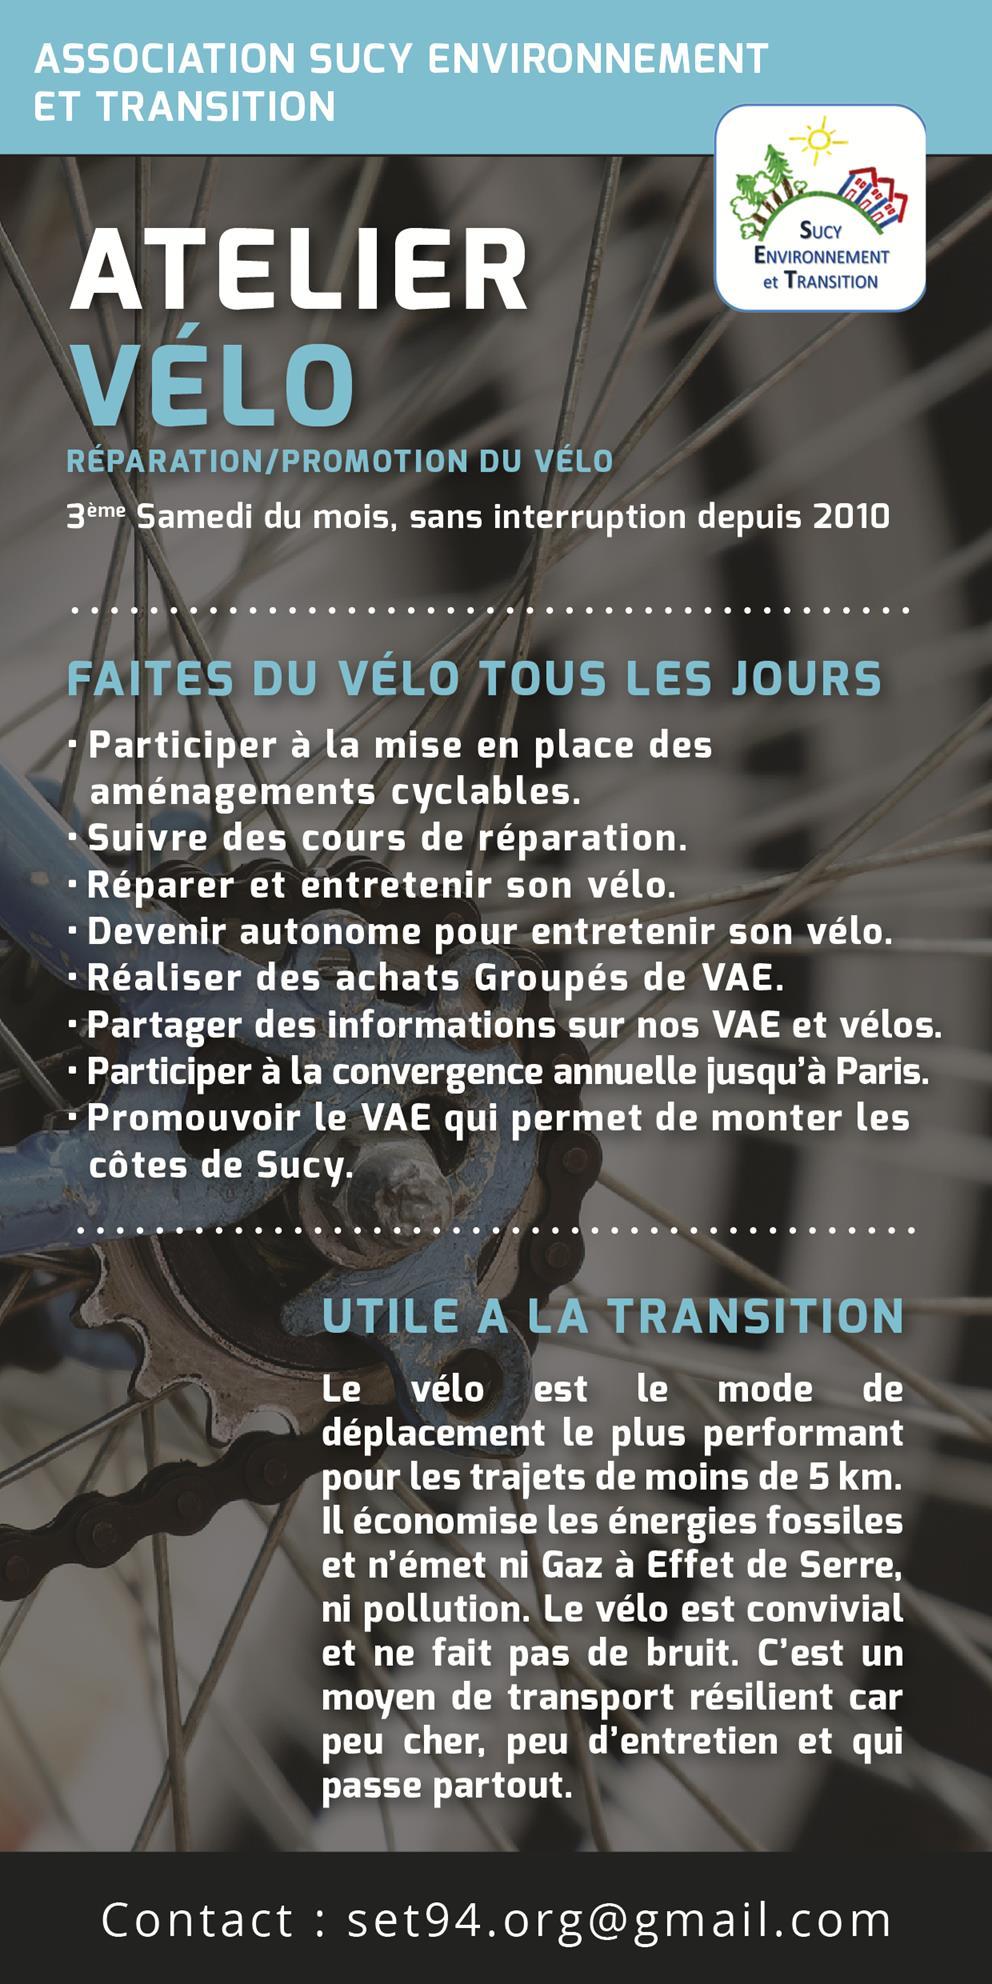 Atelier_Velo.jpg (Copy)